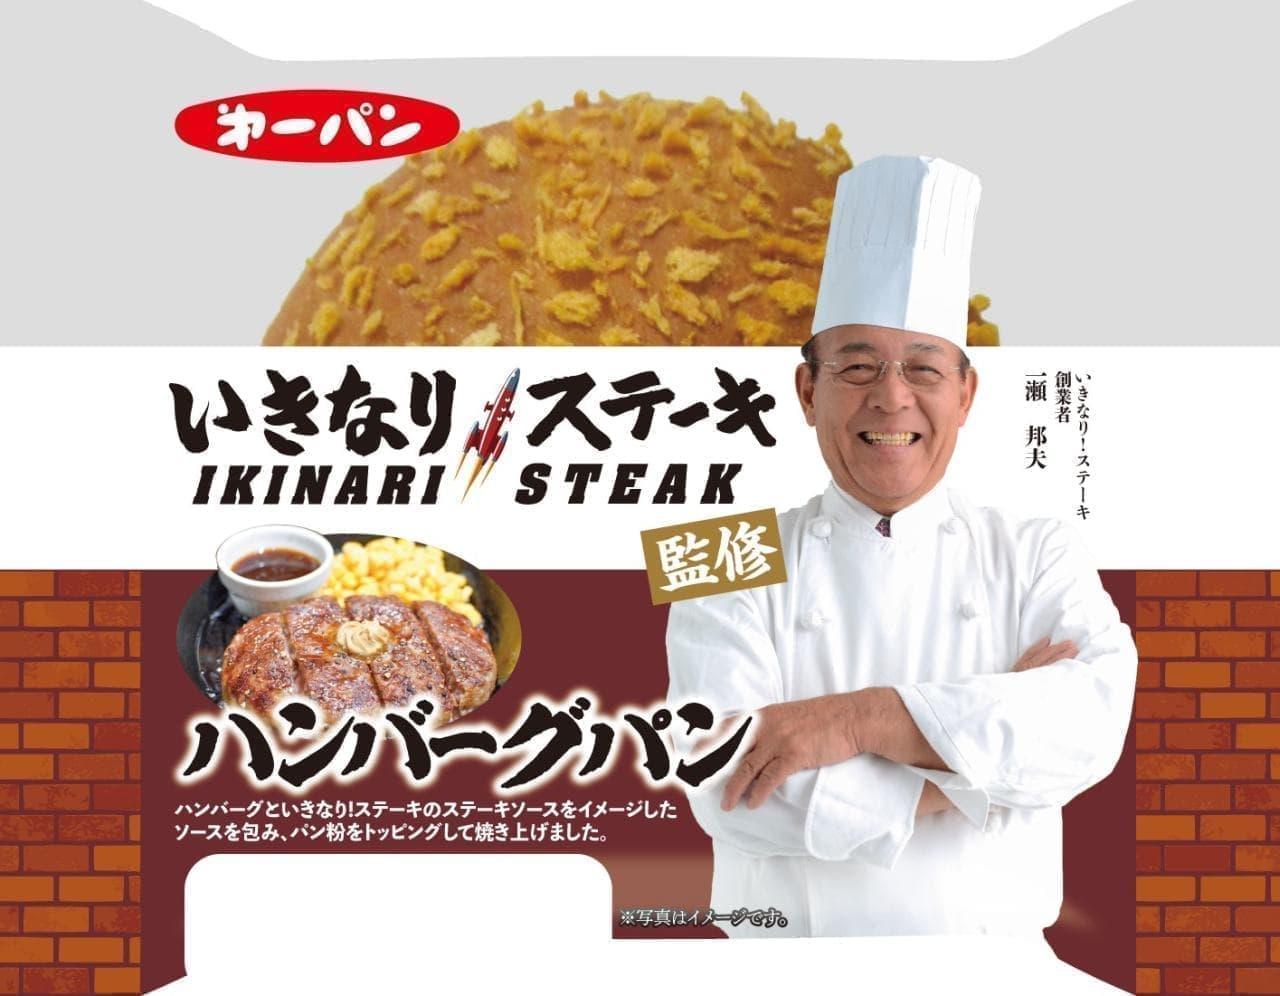 コラボレーション商品「いきなり!ステーキ監修 ハンバーグパン」